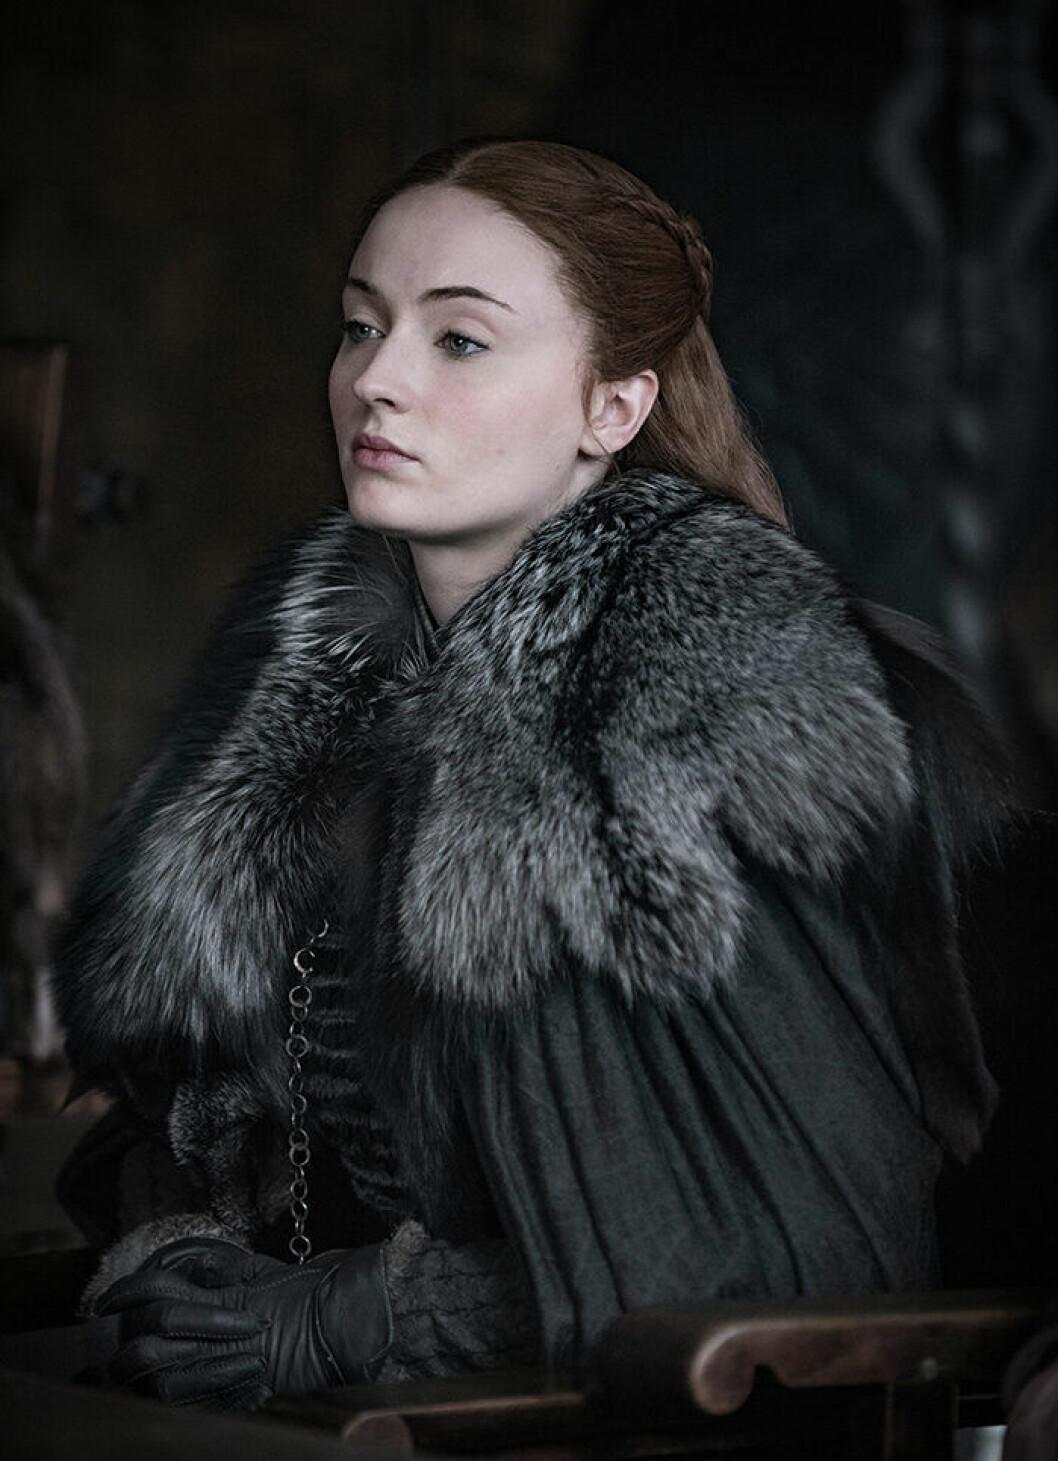 En bild på karaktären Sansa Stark från tv-serien Game of Thrones.